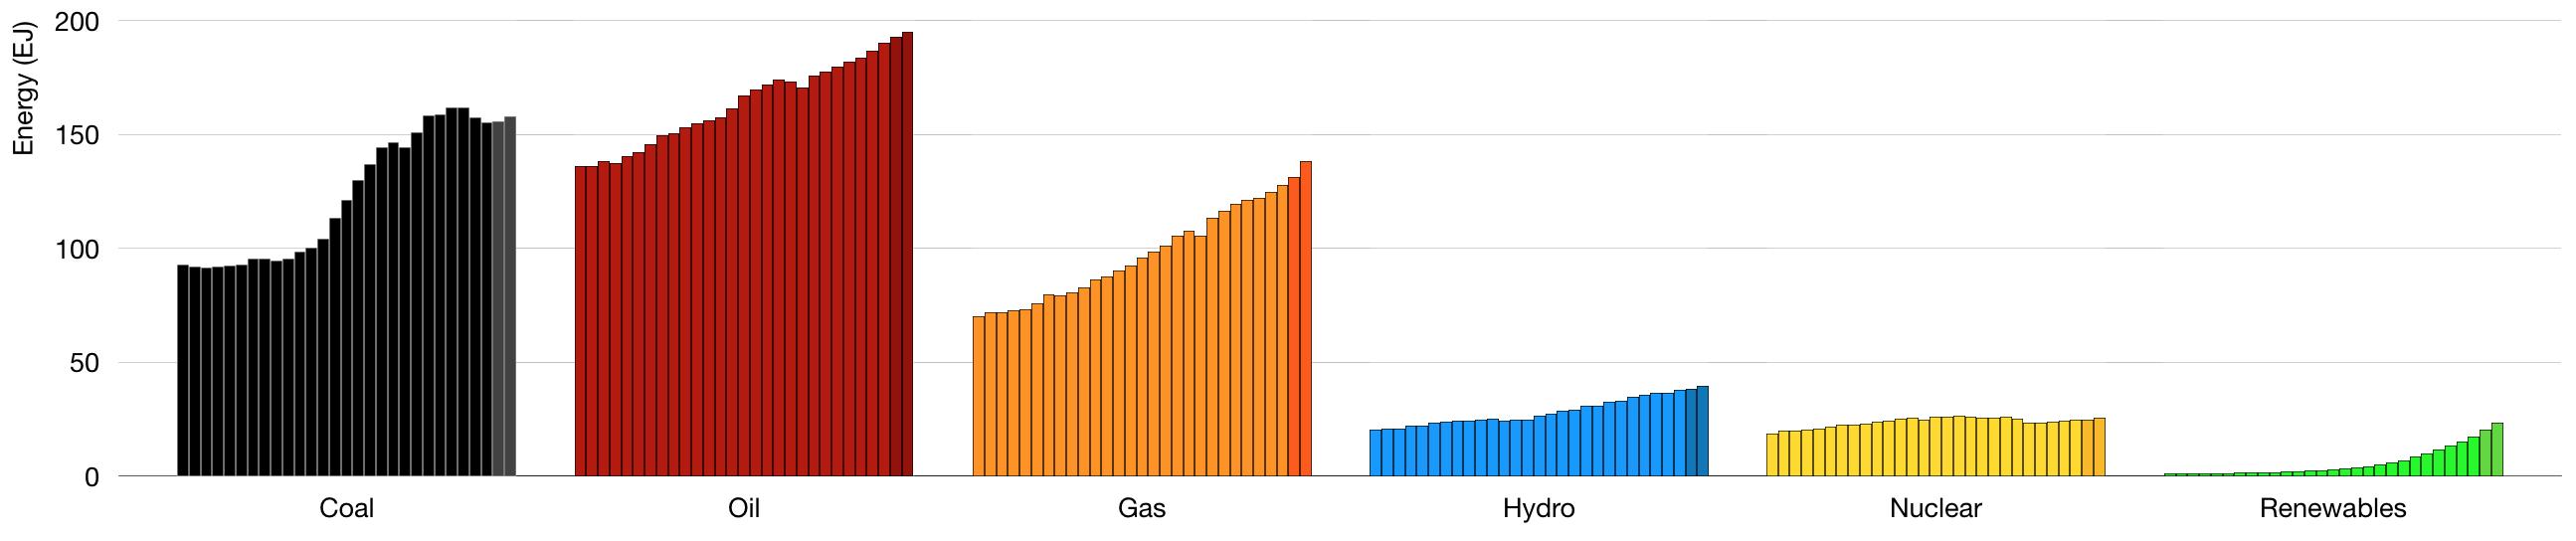 World Energy Data 2019